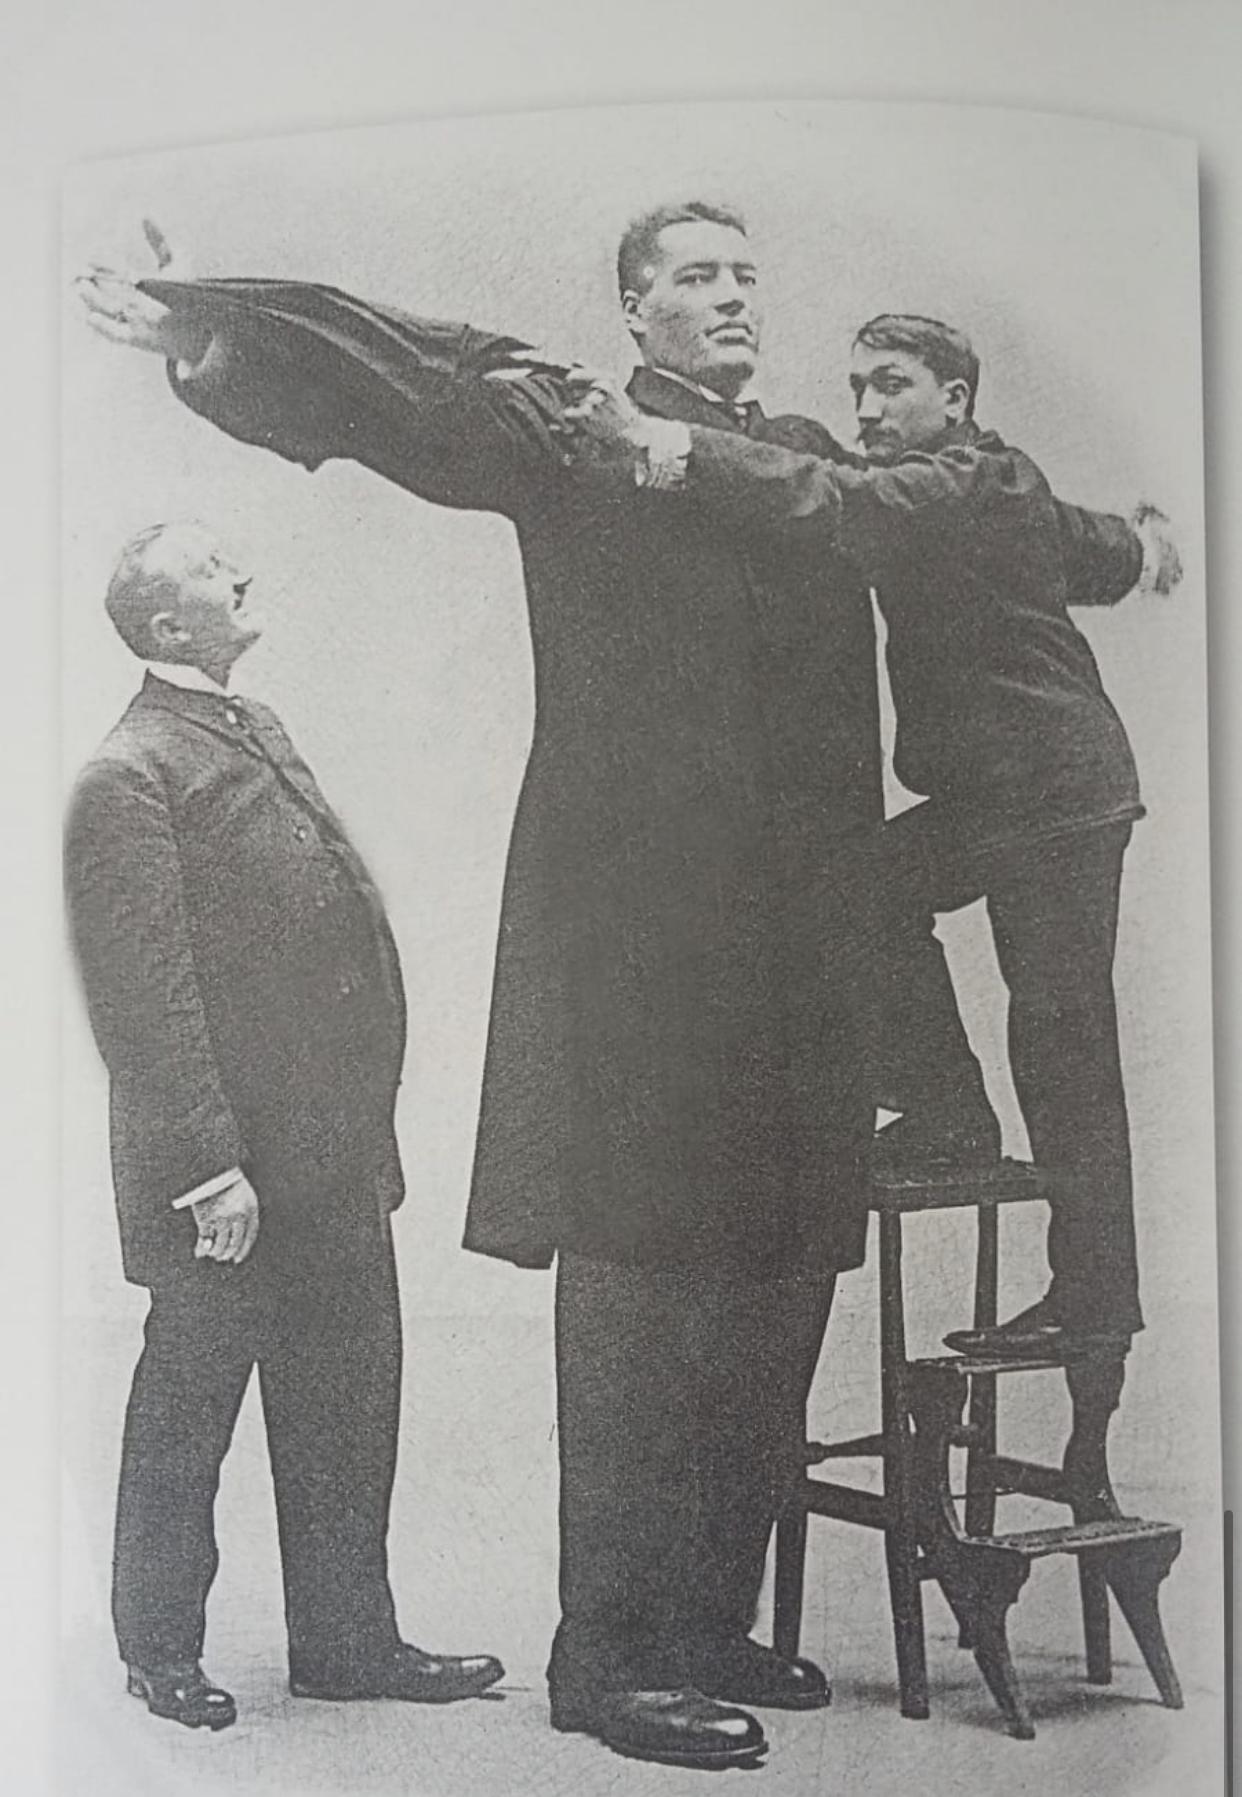 l'incredibile storia di Hugo il gigante italiano a New York